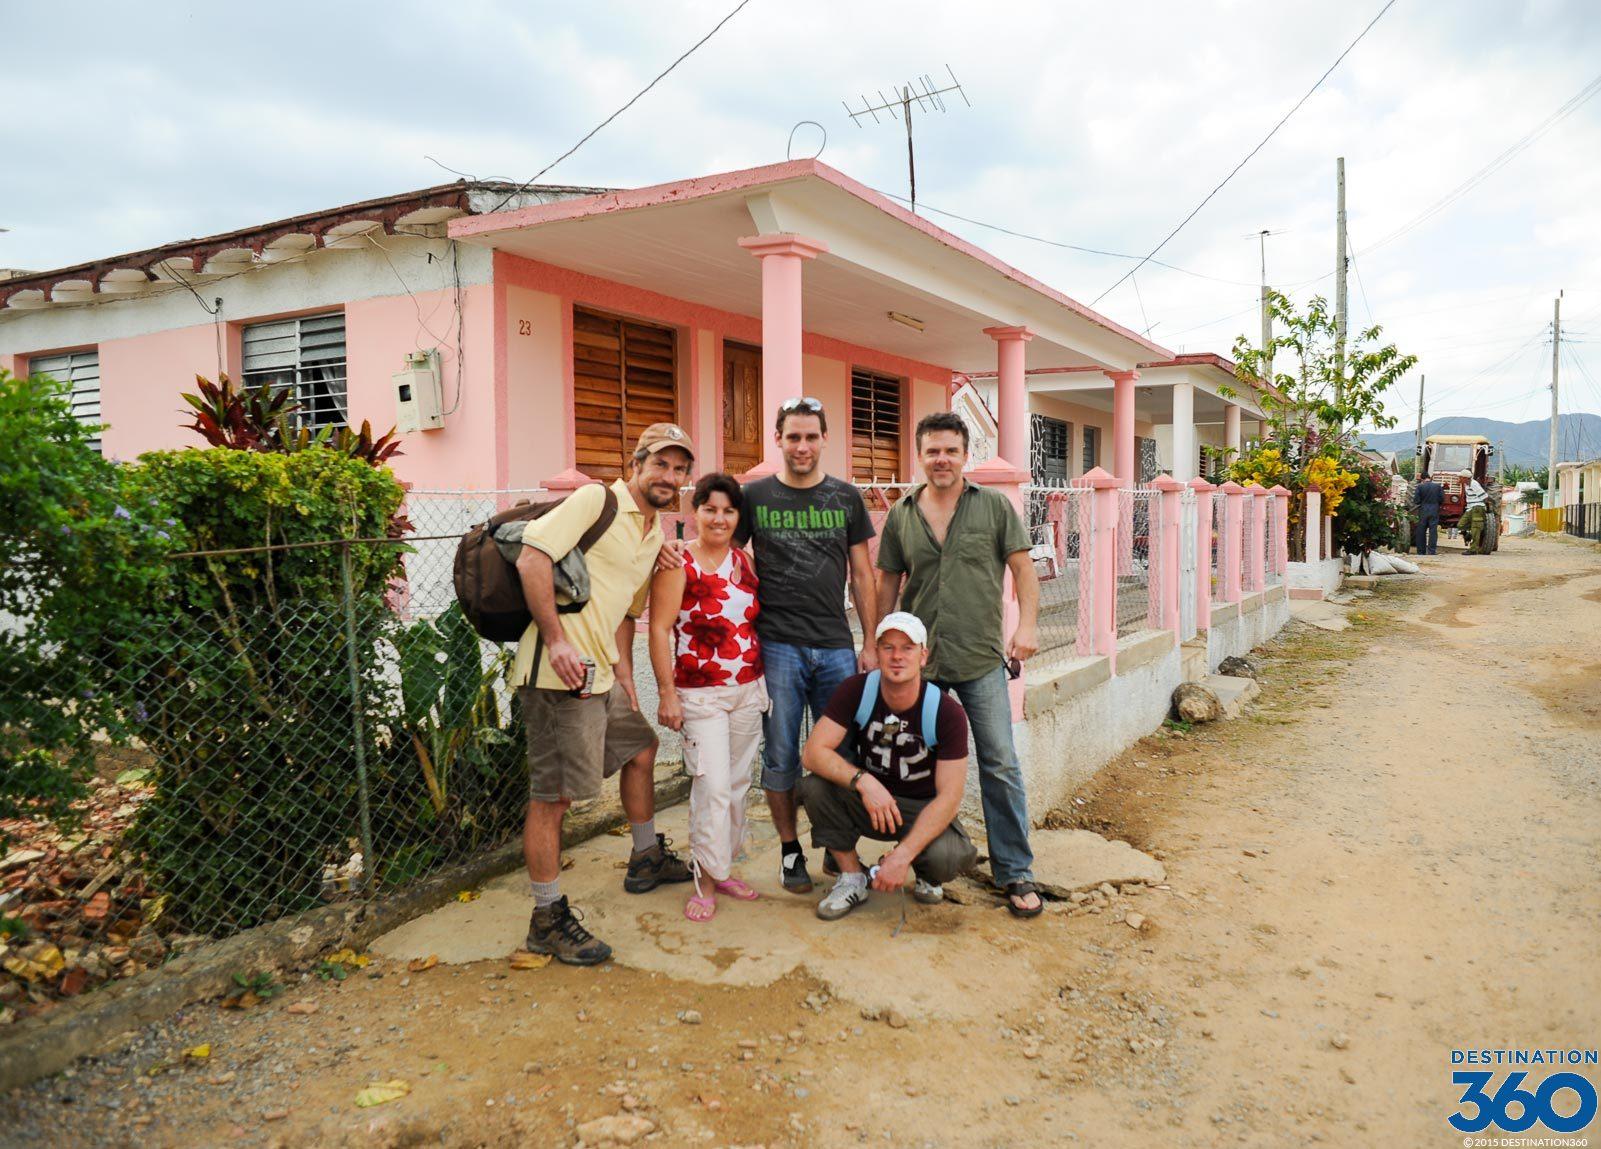 Casa Particular Homestays In Cuba